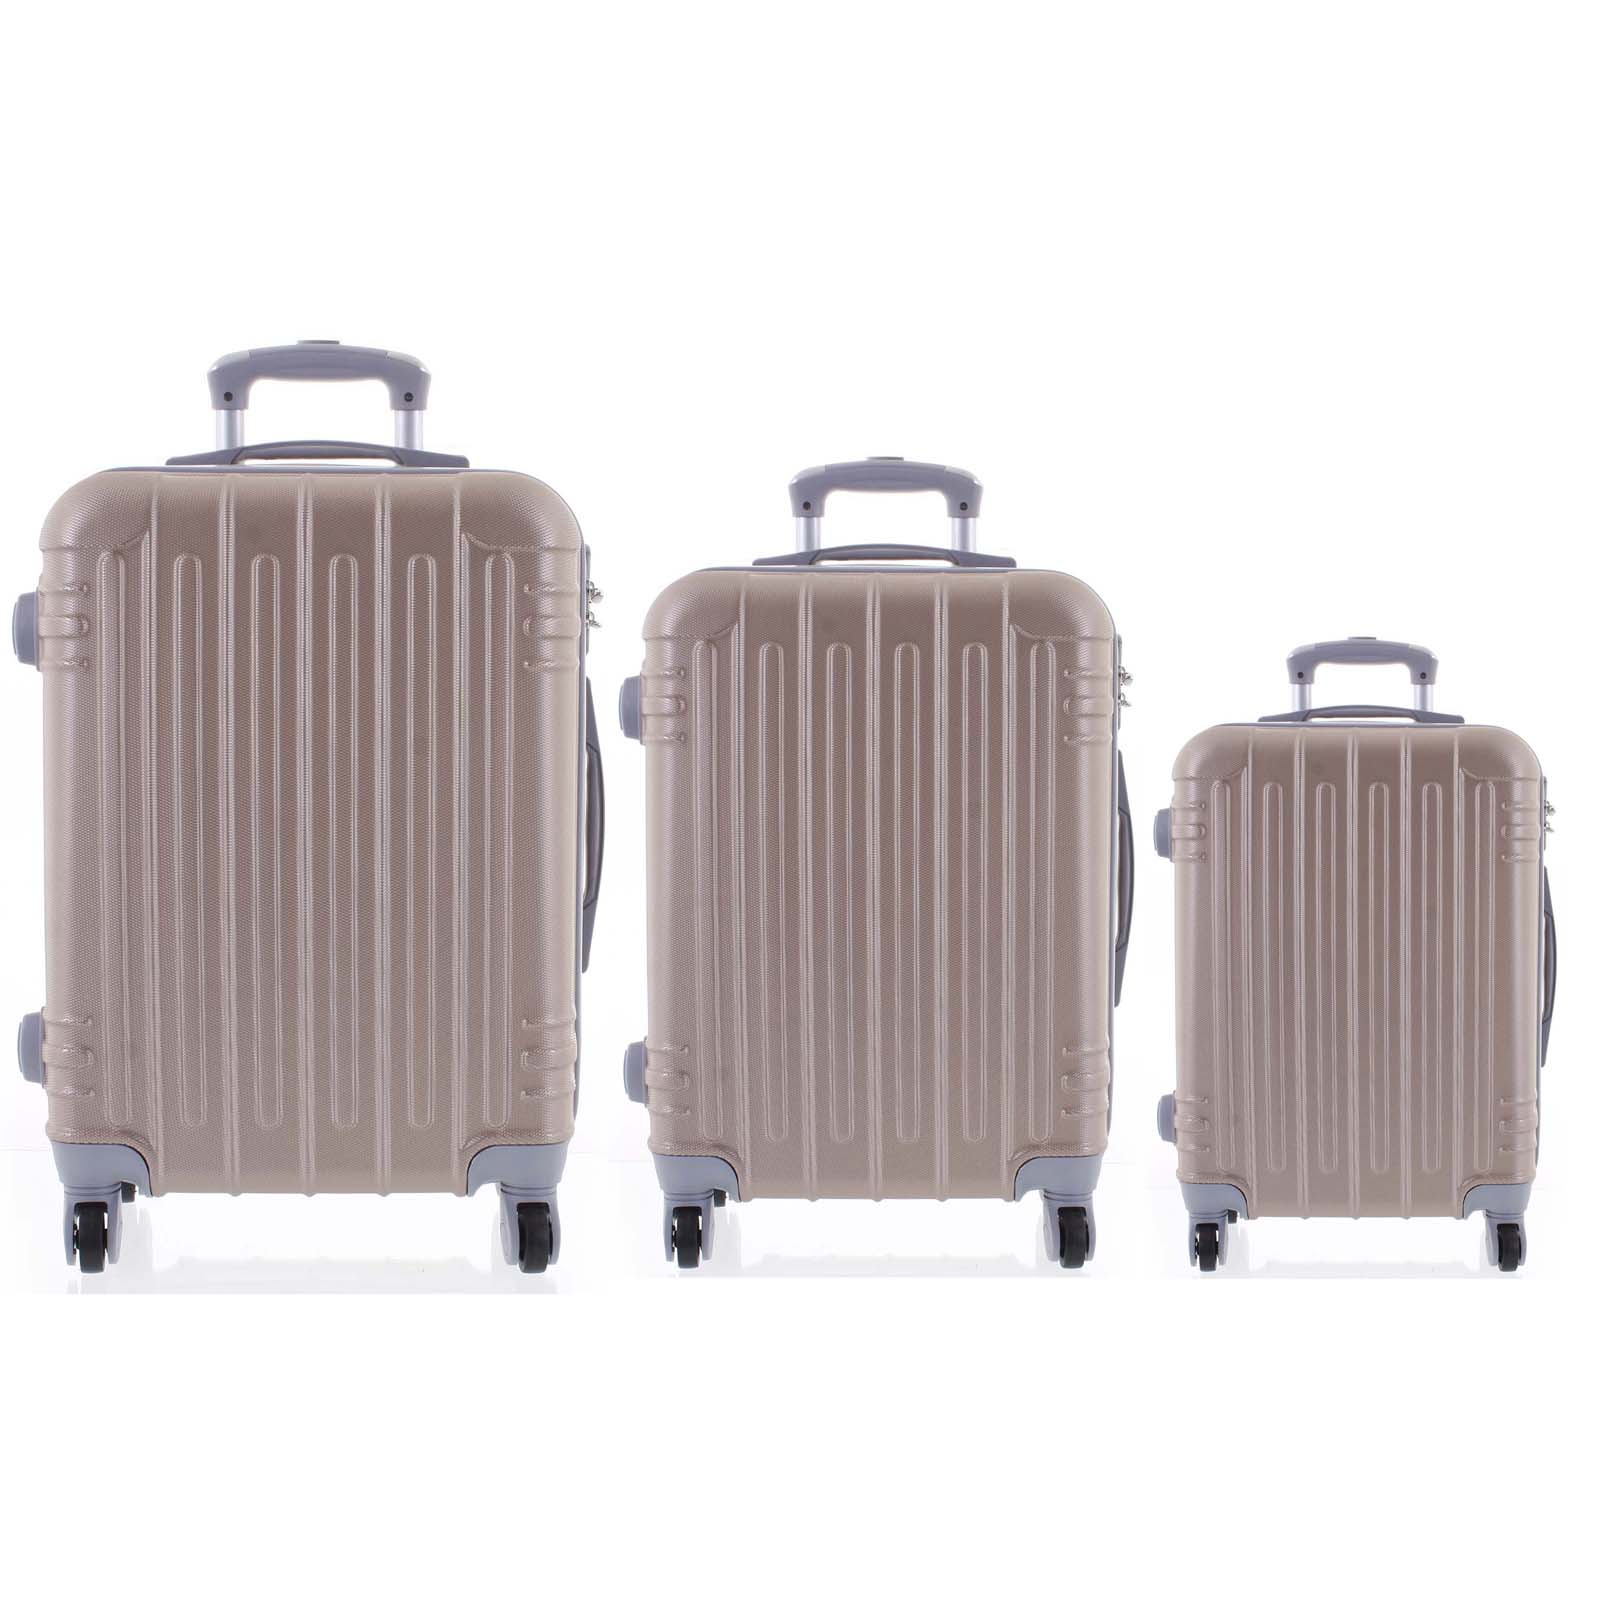 Moderní růžově zlatý skořepinový cestovní kufr sada - Ormi Dopp S, M, L